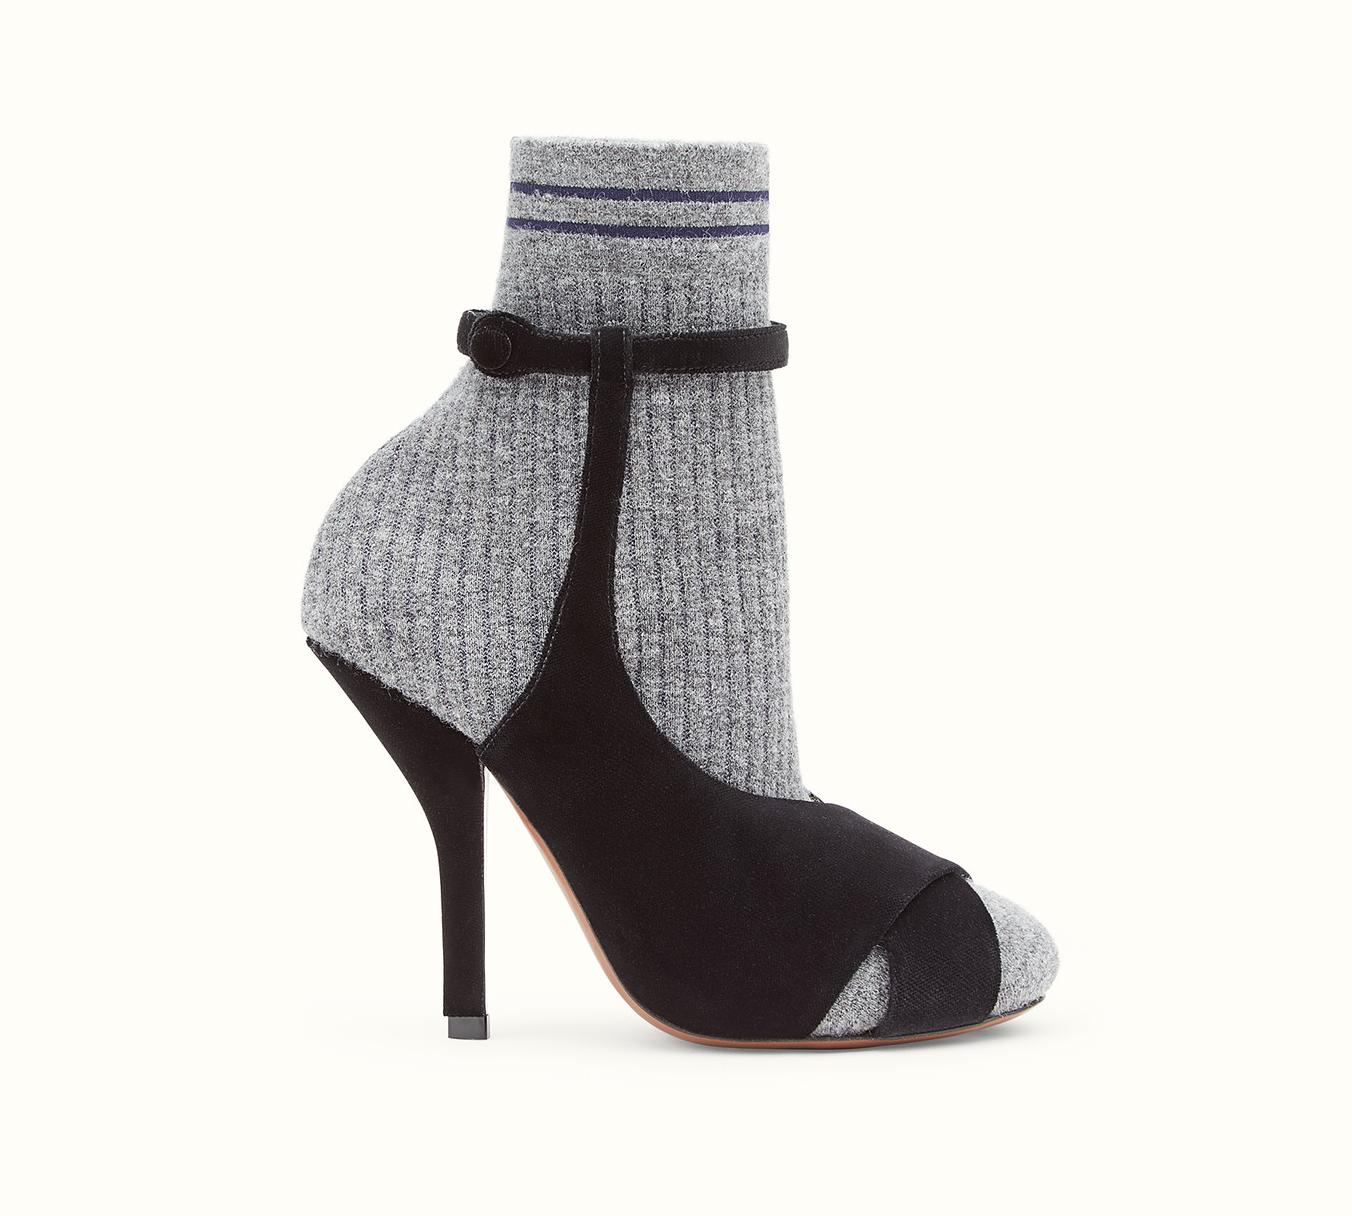 Scarpe inverno 2018, stivali, stivaletti e anfibi, foto e prezzi